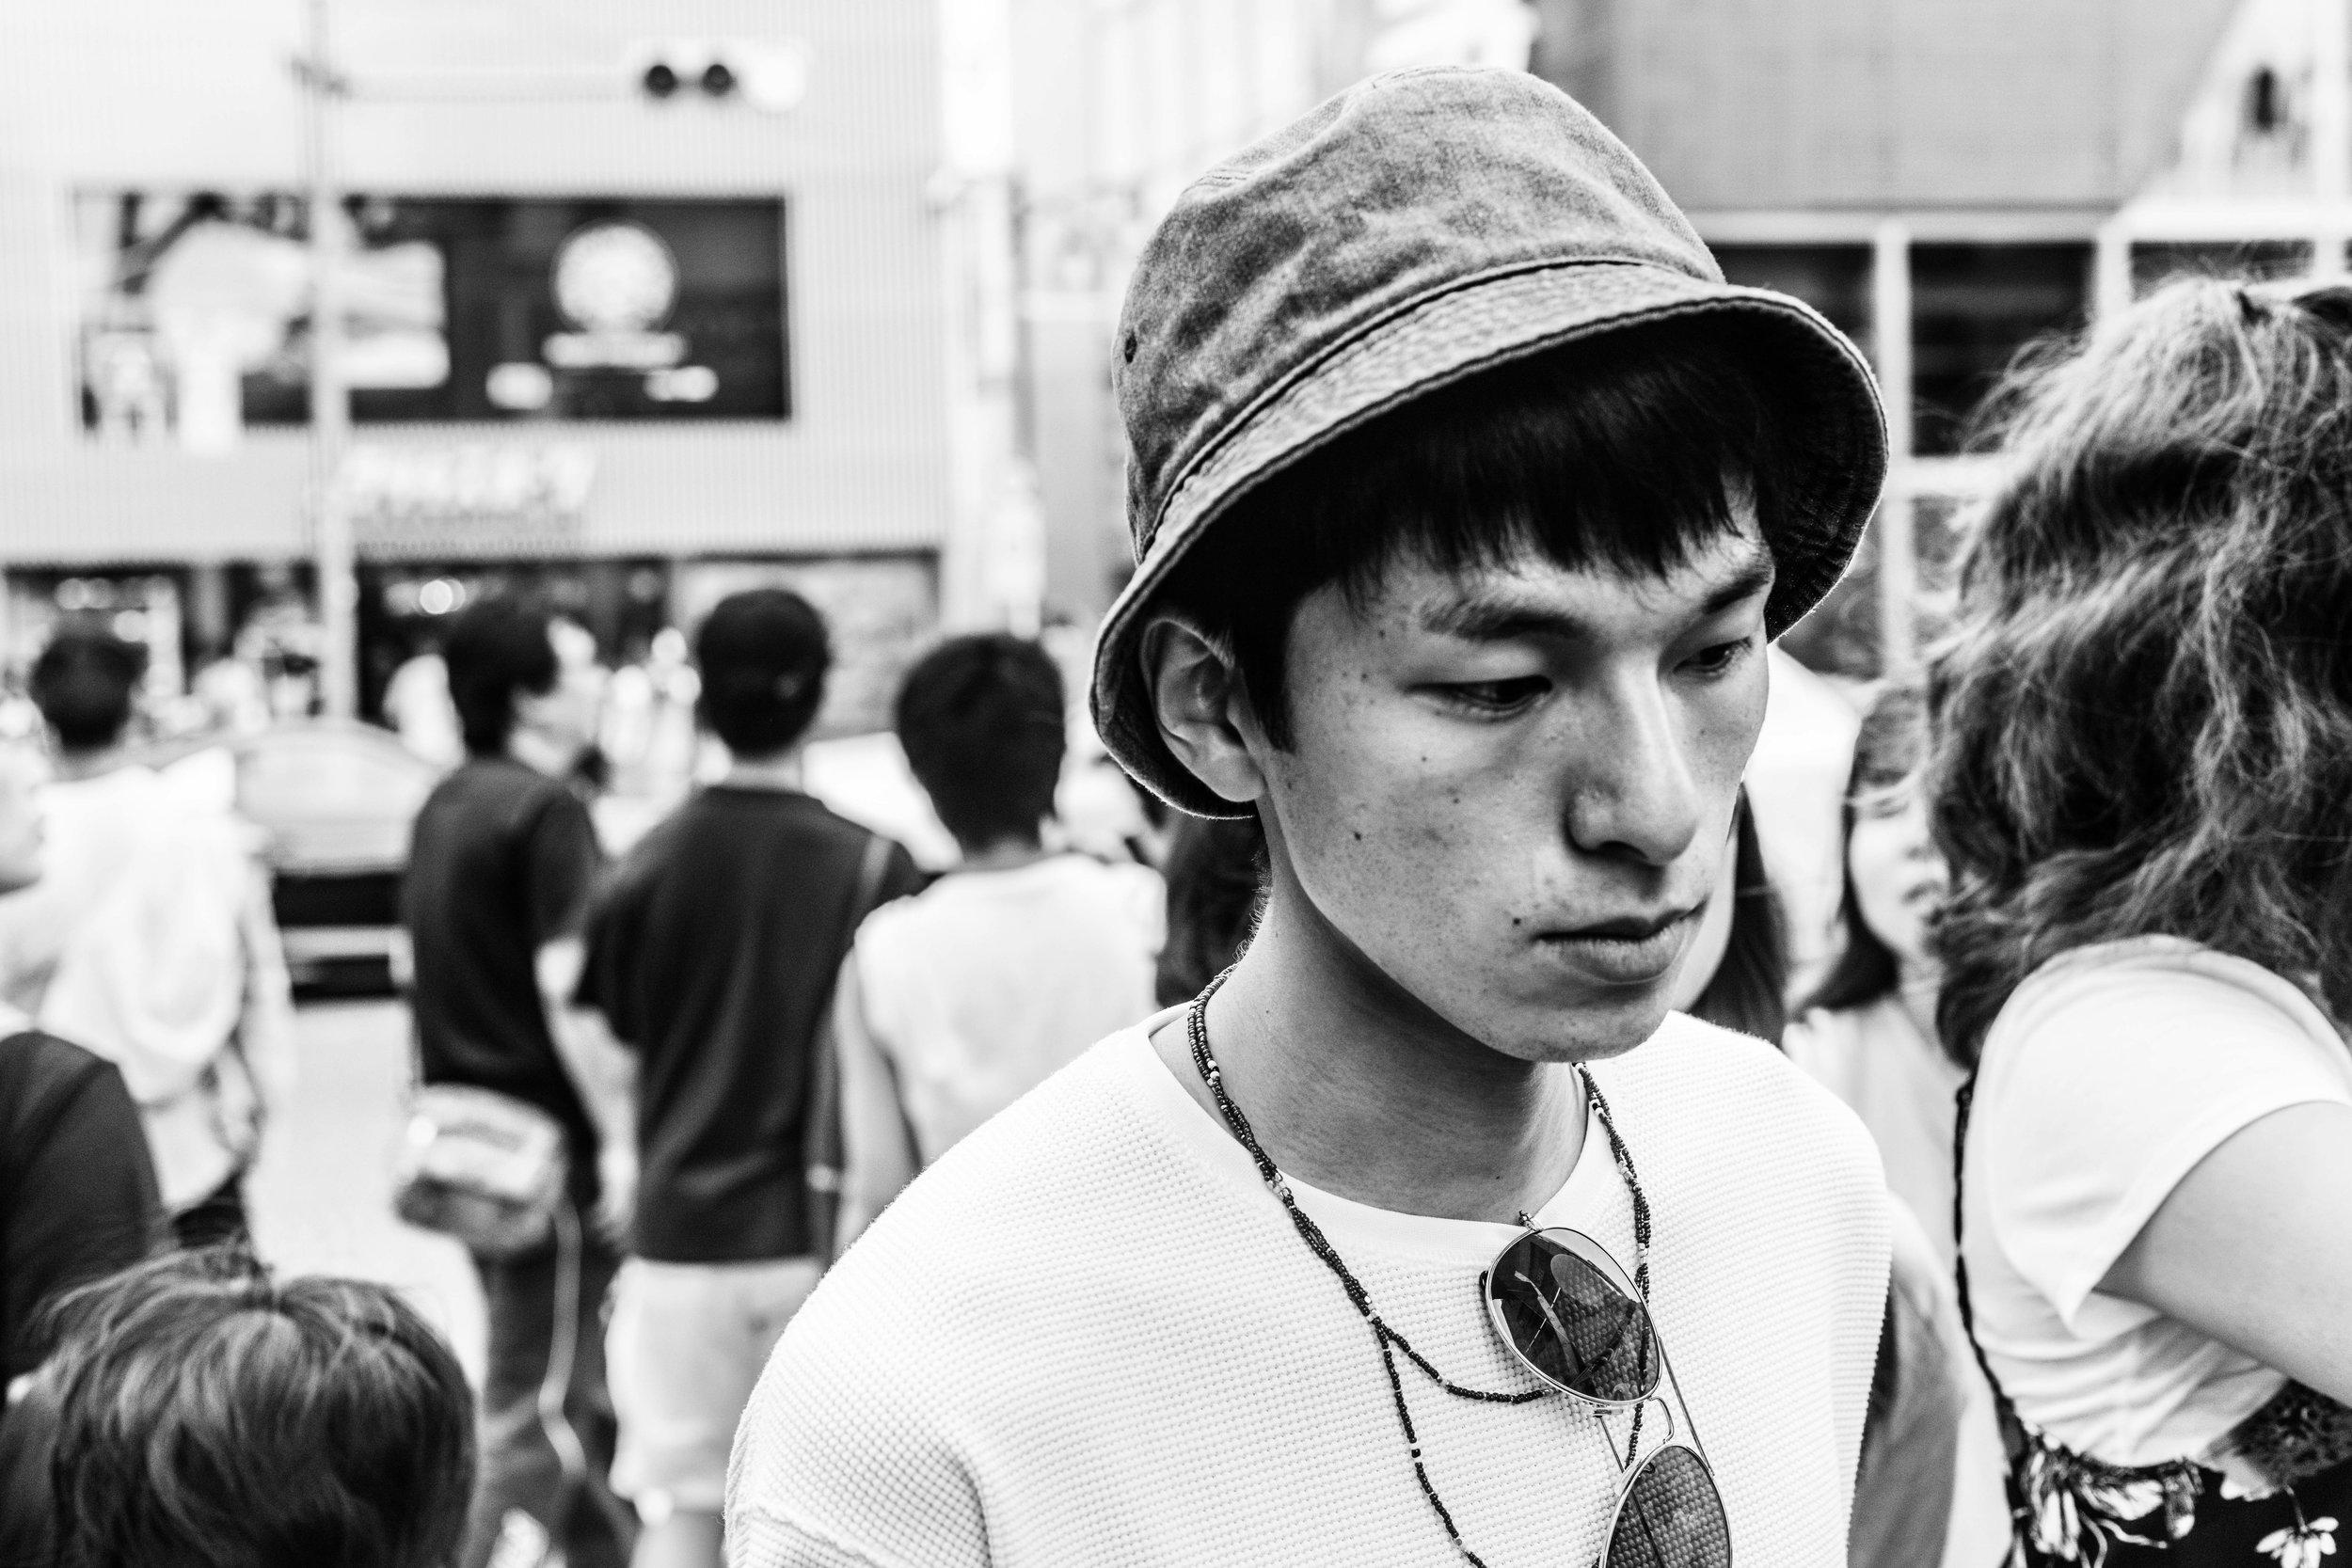 Harajuku 2017 #3